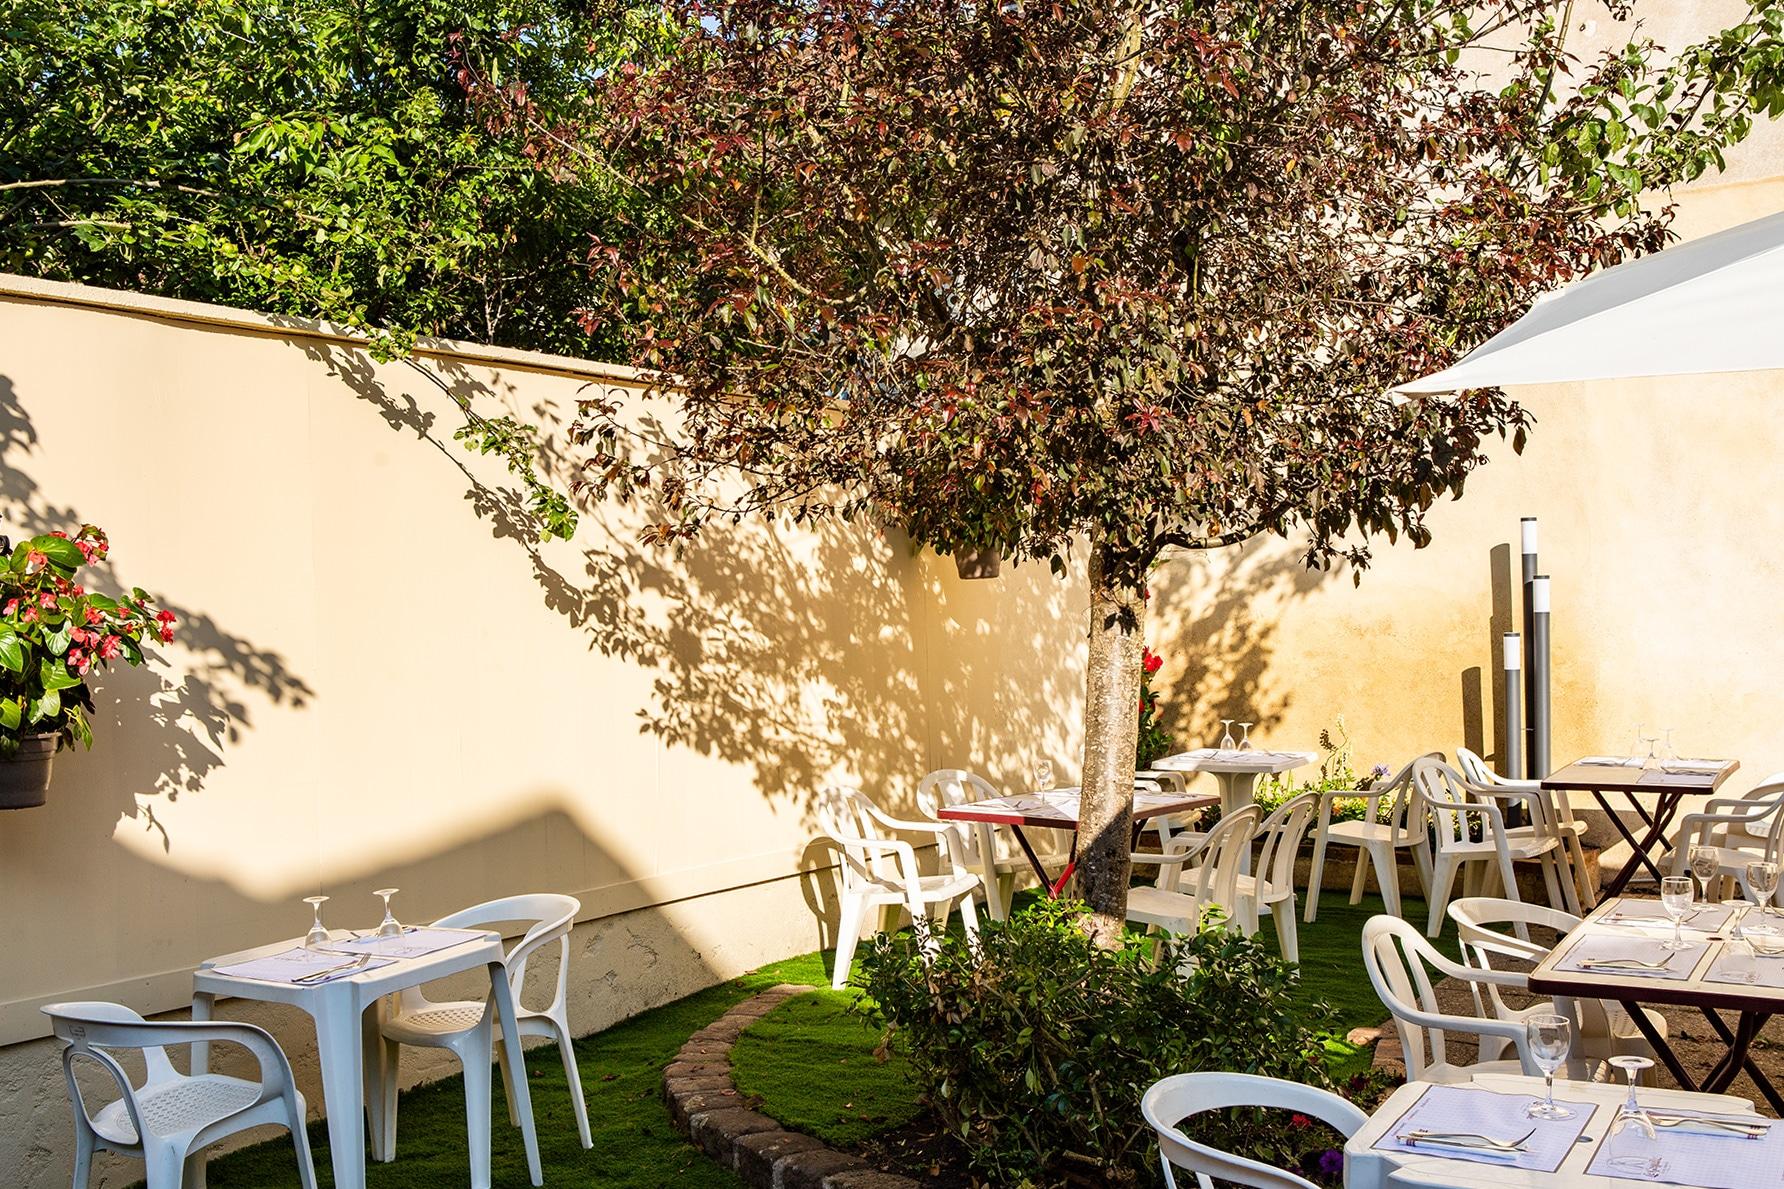 La terrasse du Gogaille au soleil ou sous l'ombre d'un arbre